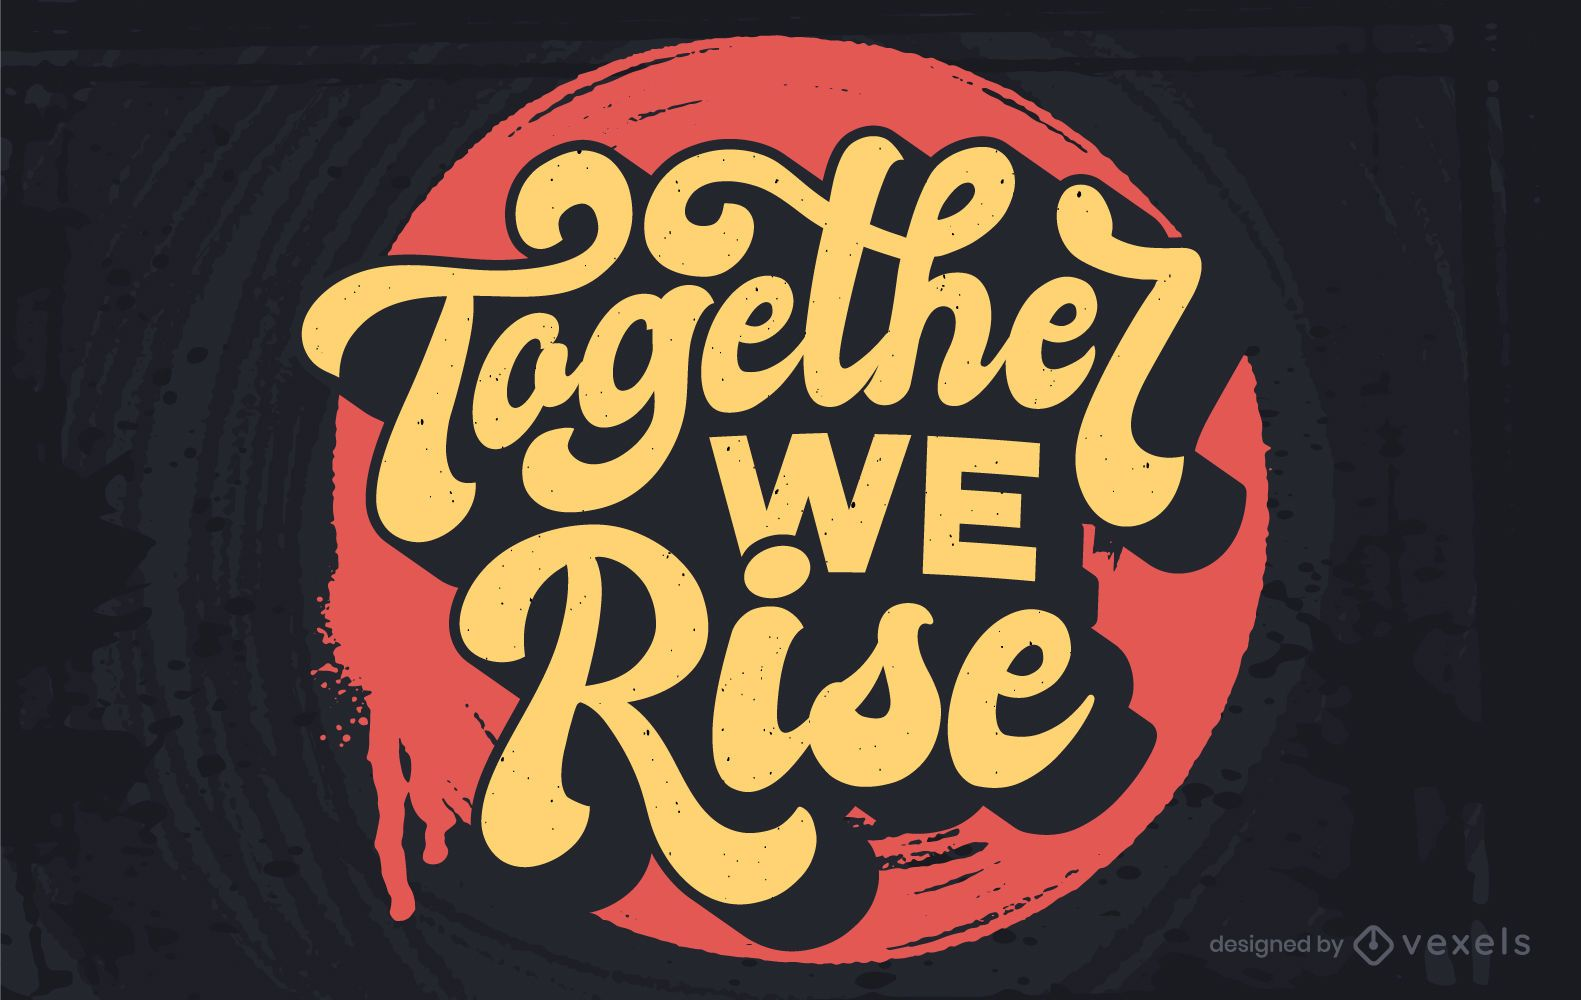 Together we rise lettering design